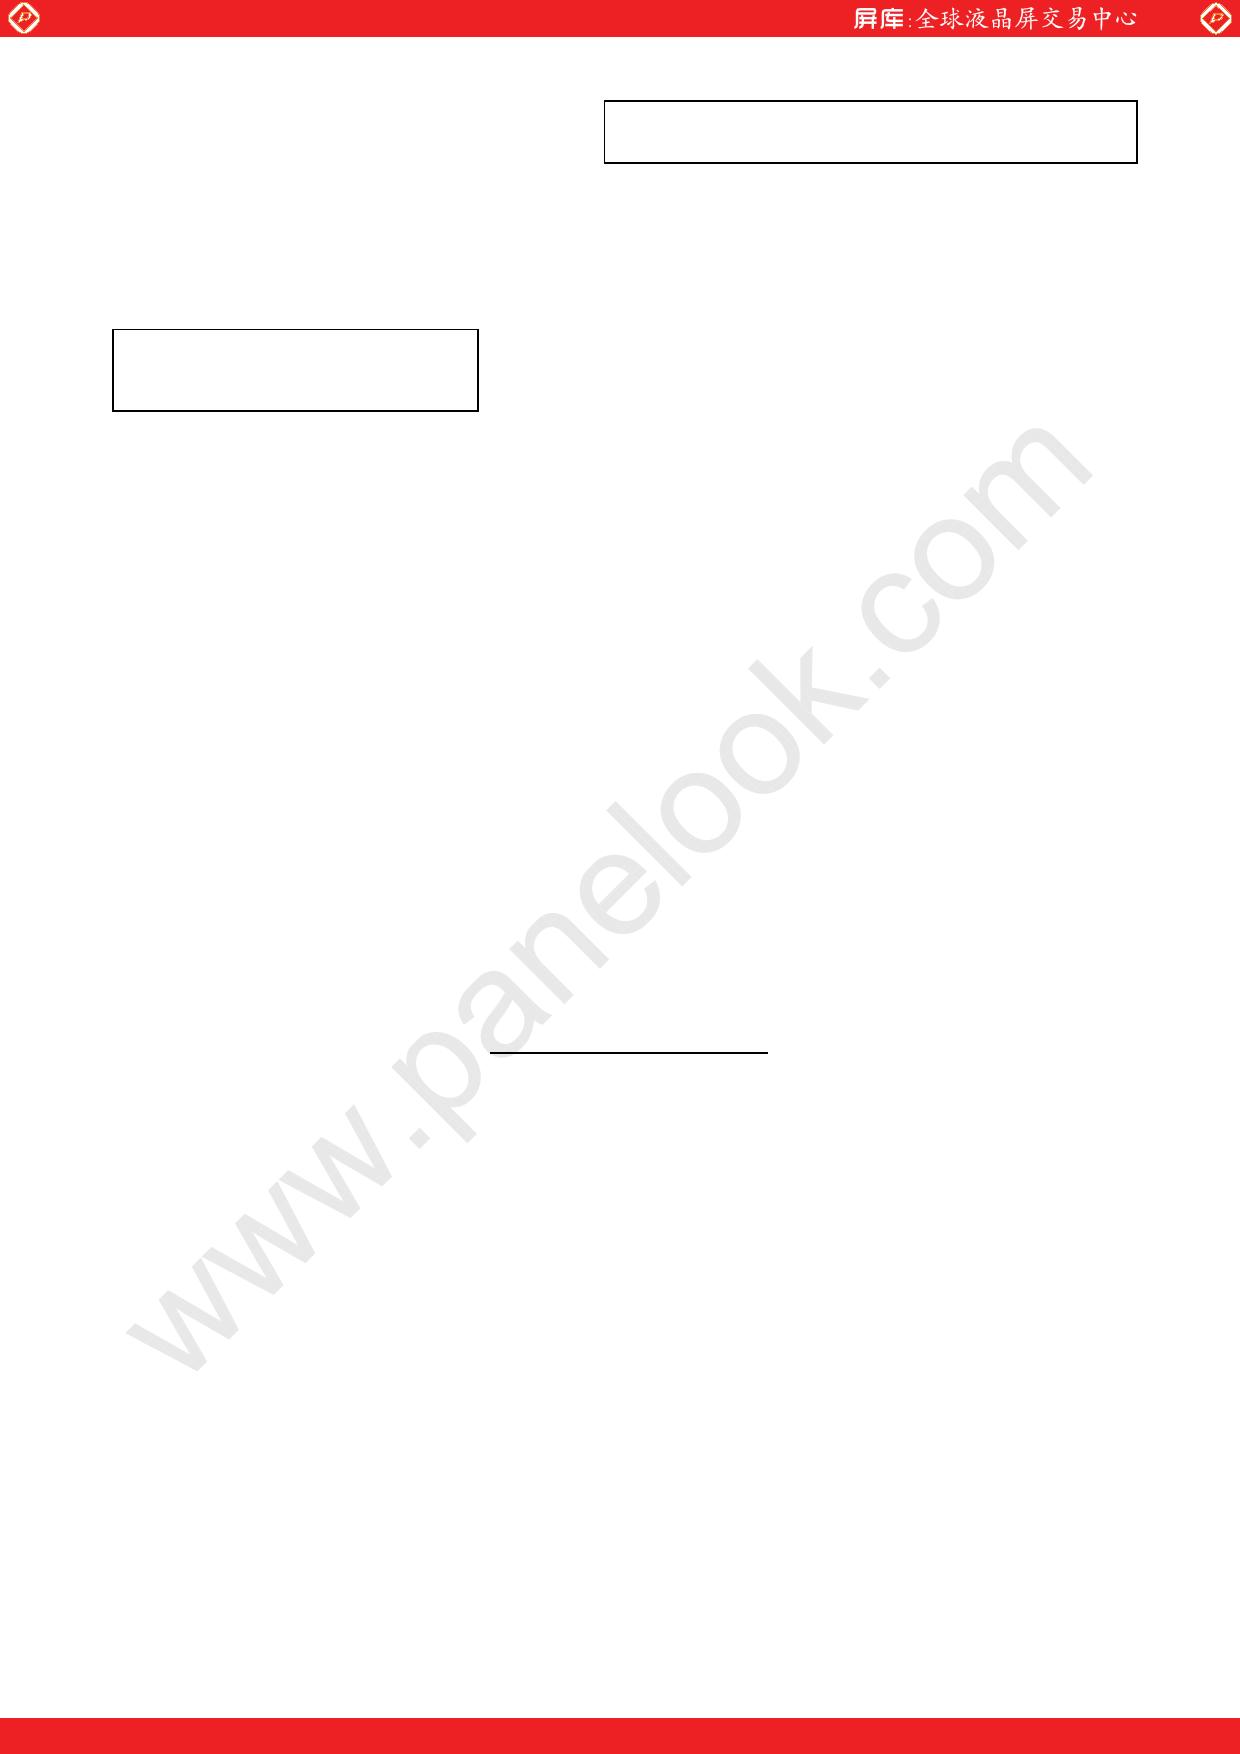 AC121SA01 دیتاشیت PDF